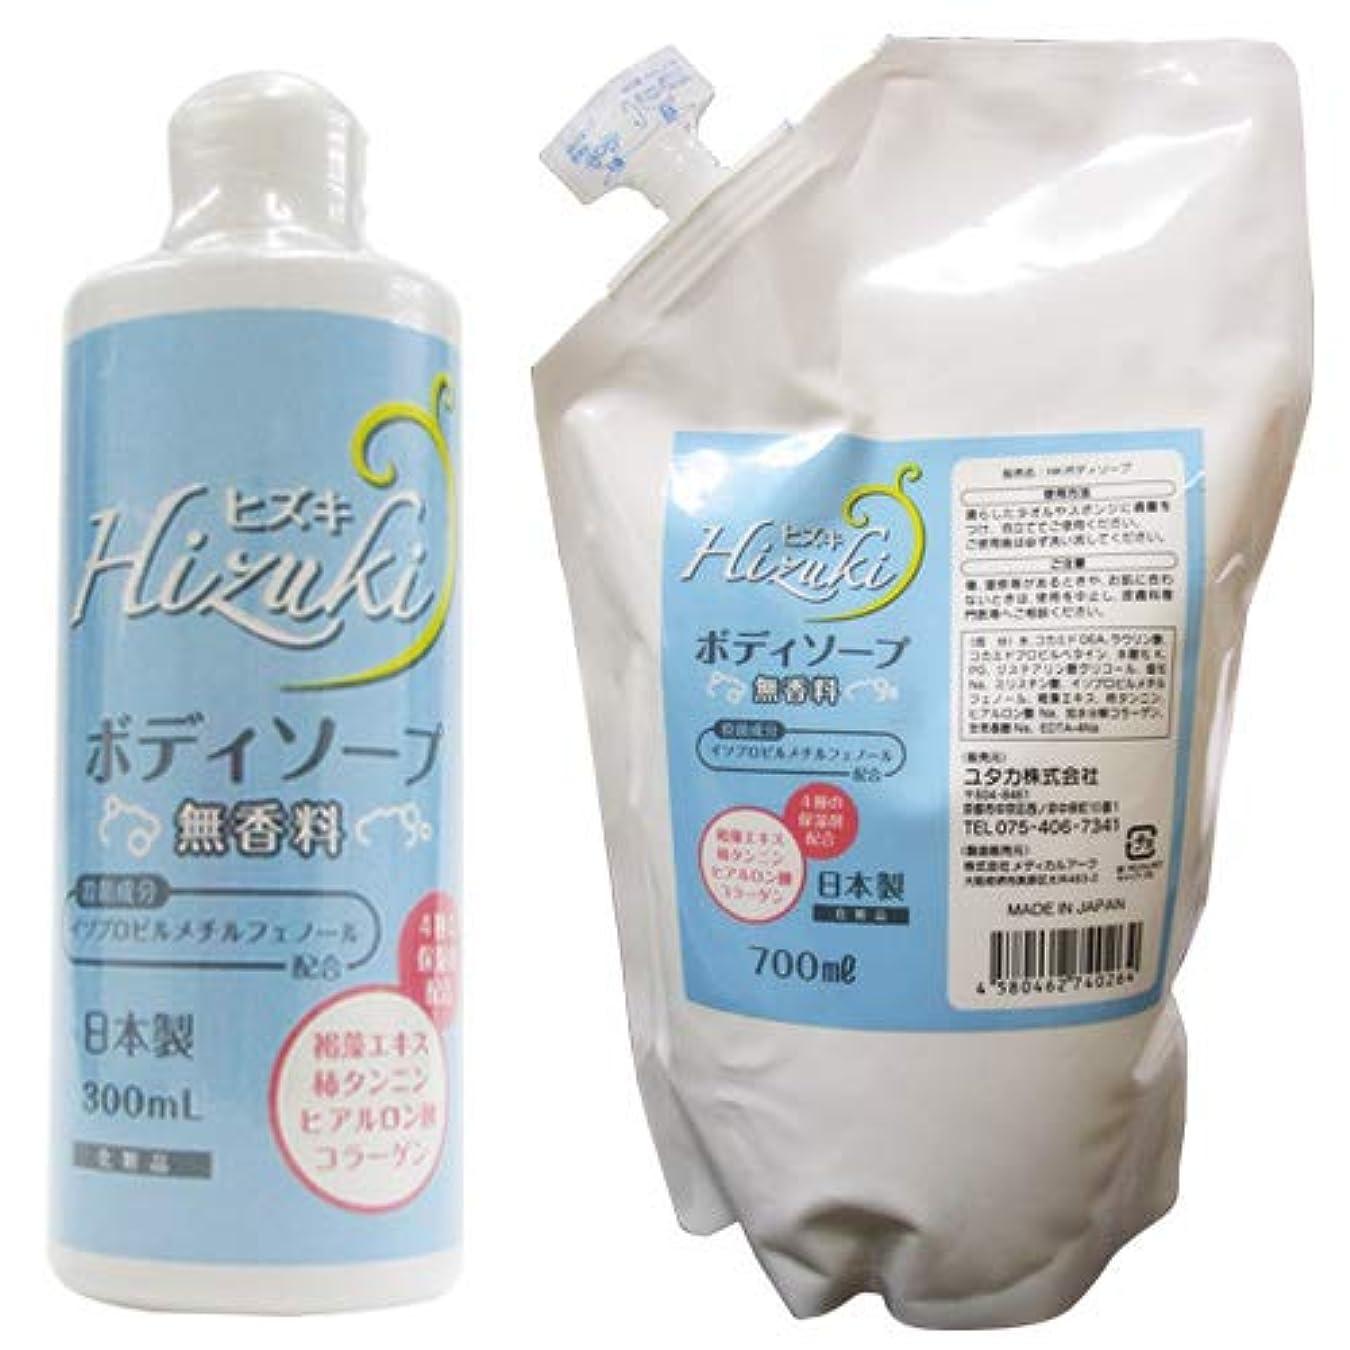 怒っている恥ずかしさ害虫Hizuki(ヒズキ) ボディソープ 300mL + 詰め替え用700mL セット